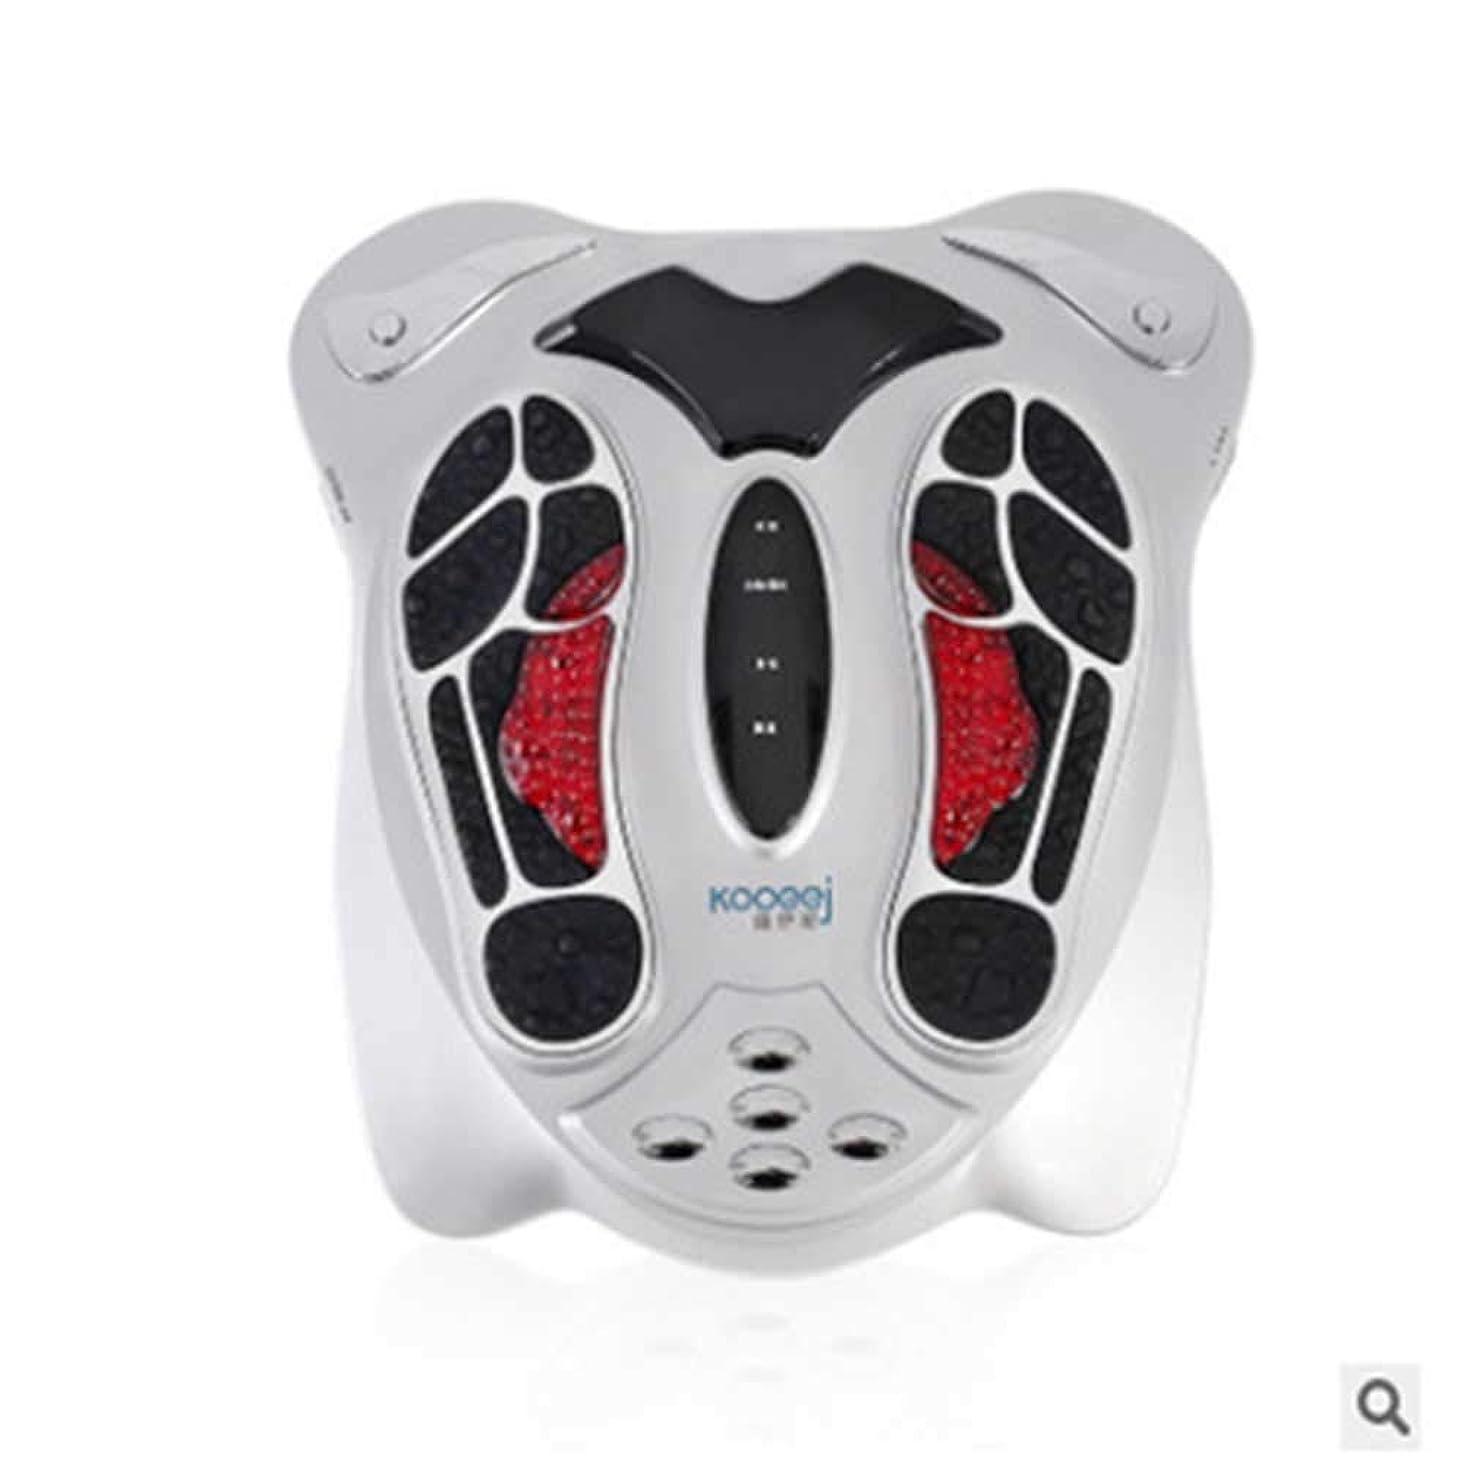 話す仮定モック赤外線フットマッサージャーフットマッサージャーフットマッサージャー低周波健康理学療法器具, Silver